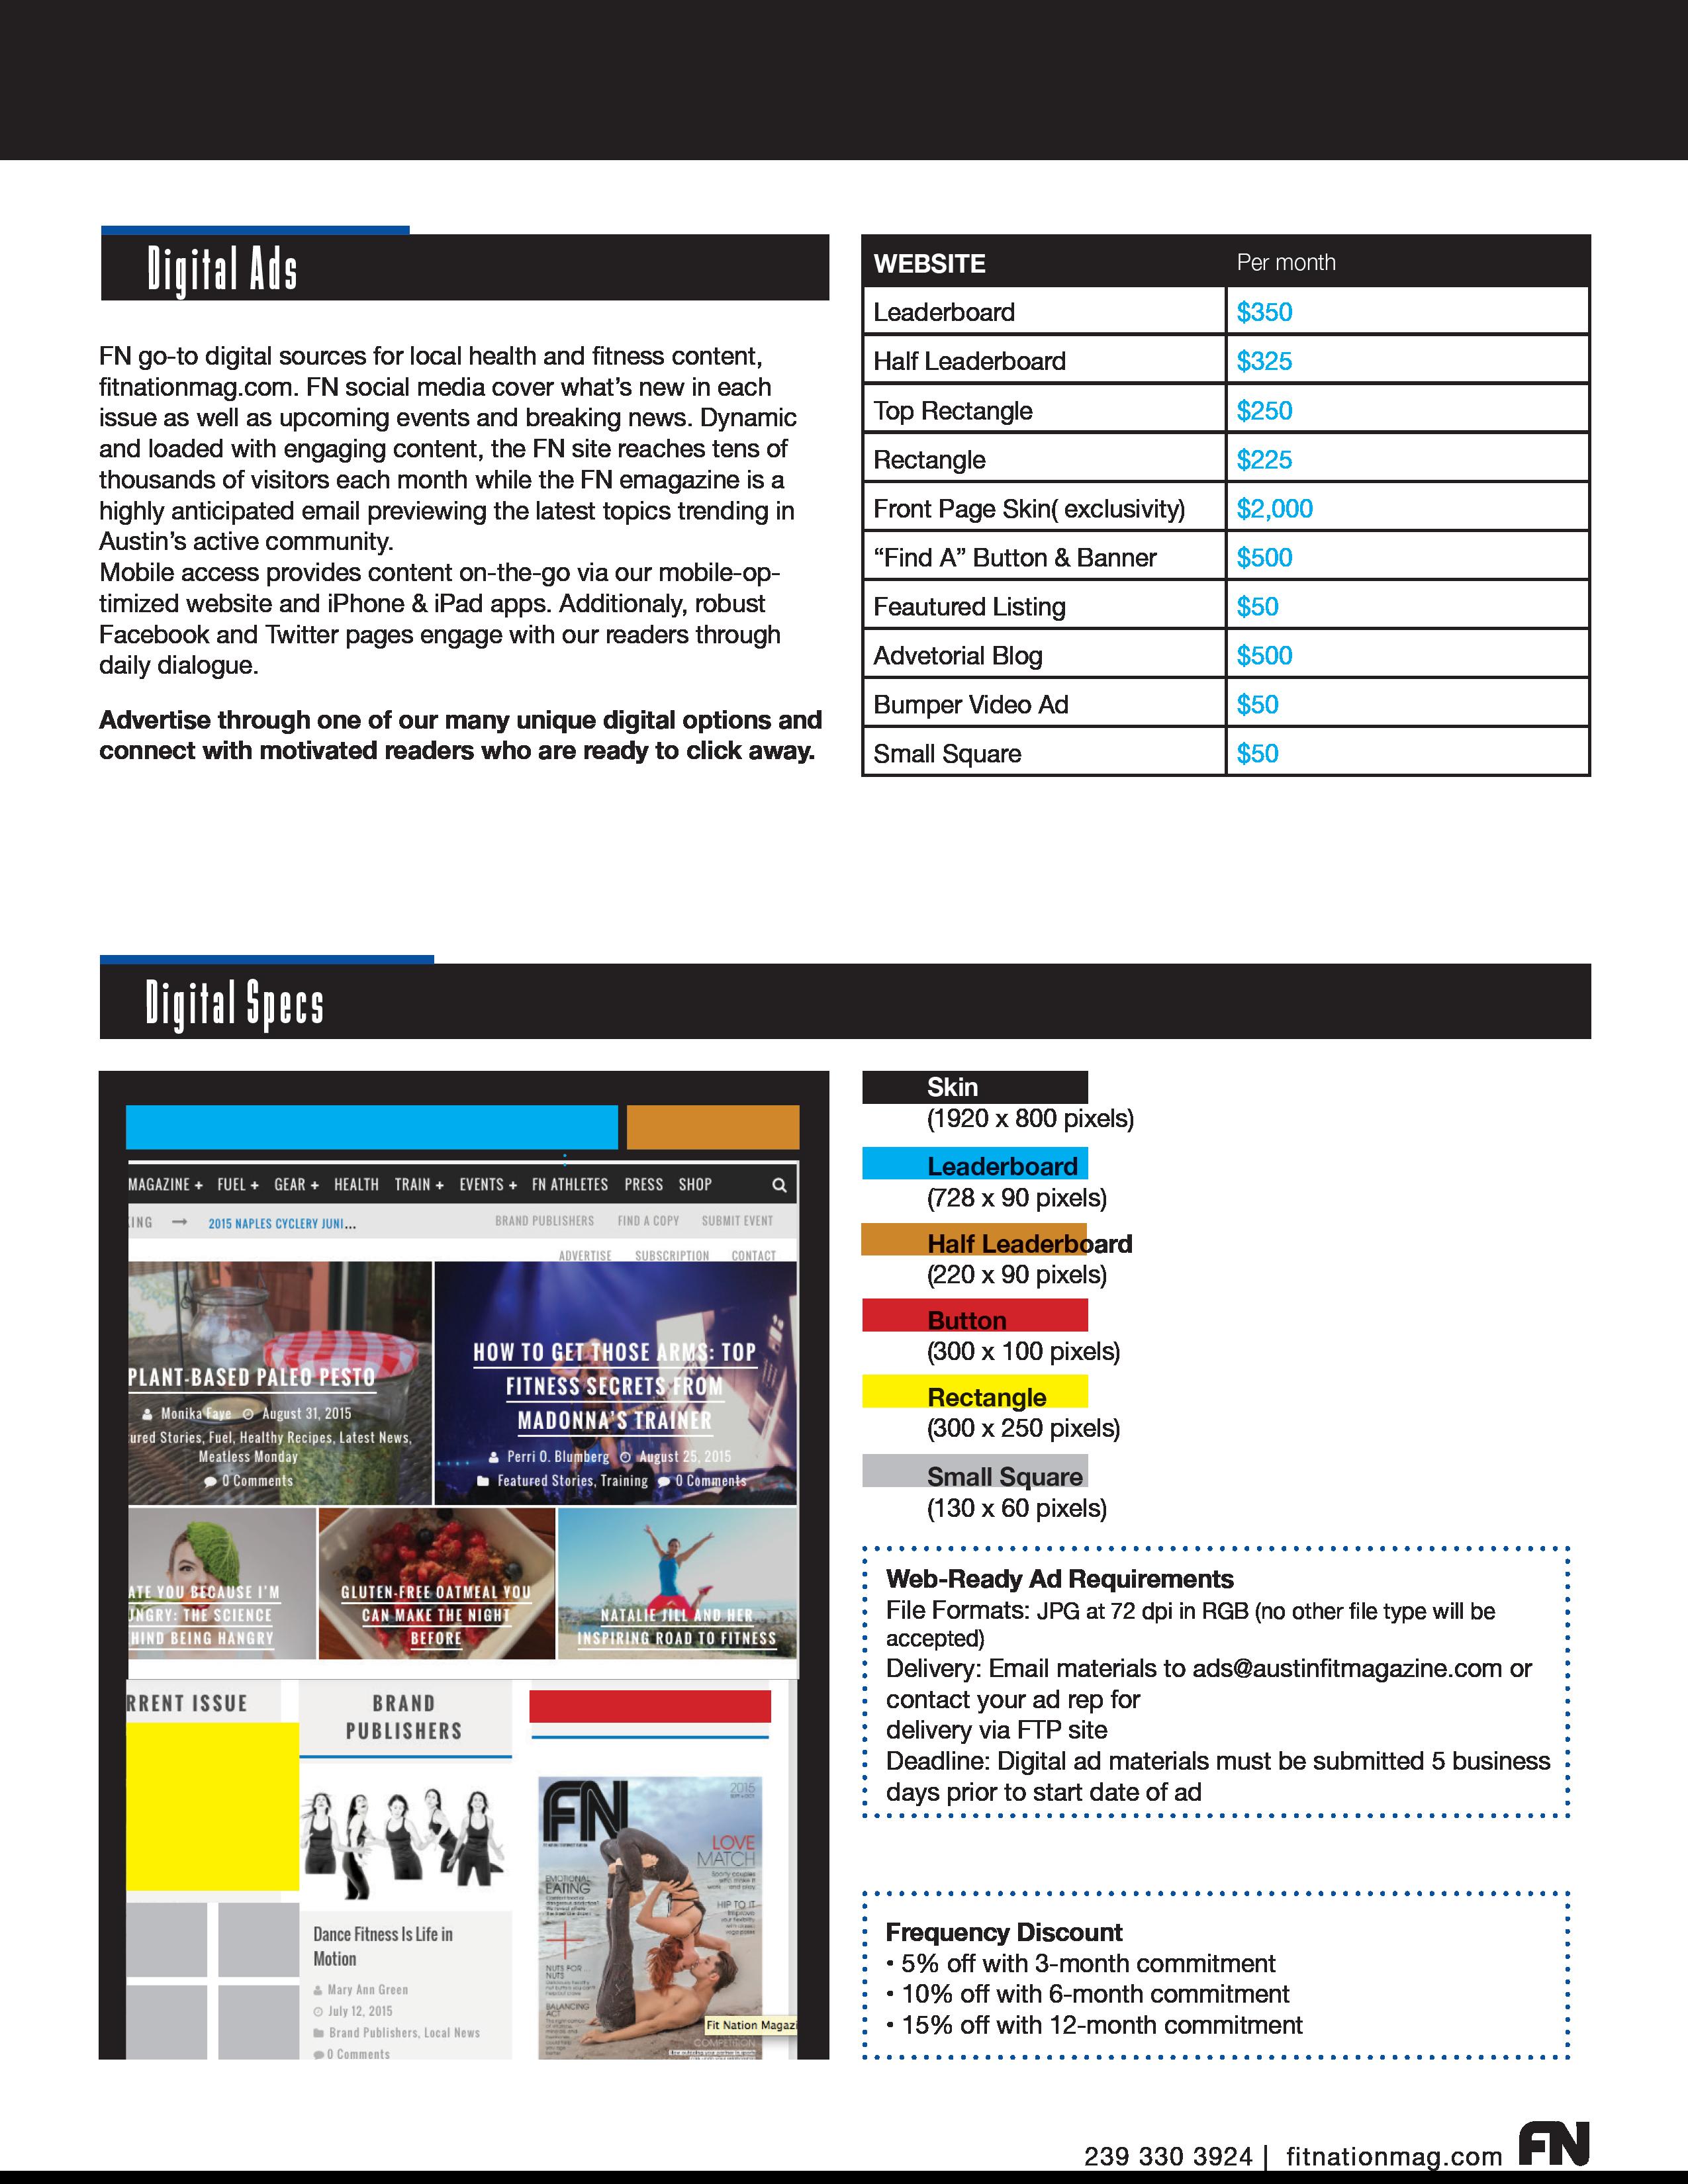 Media Kit infographic